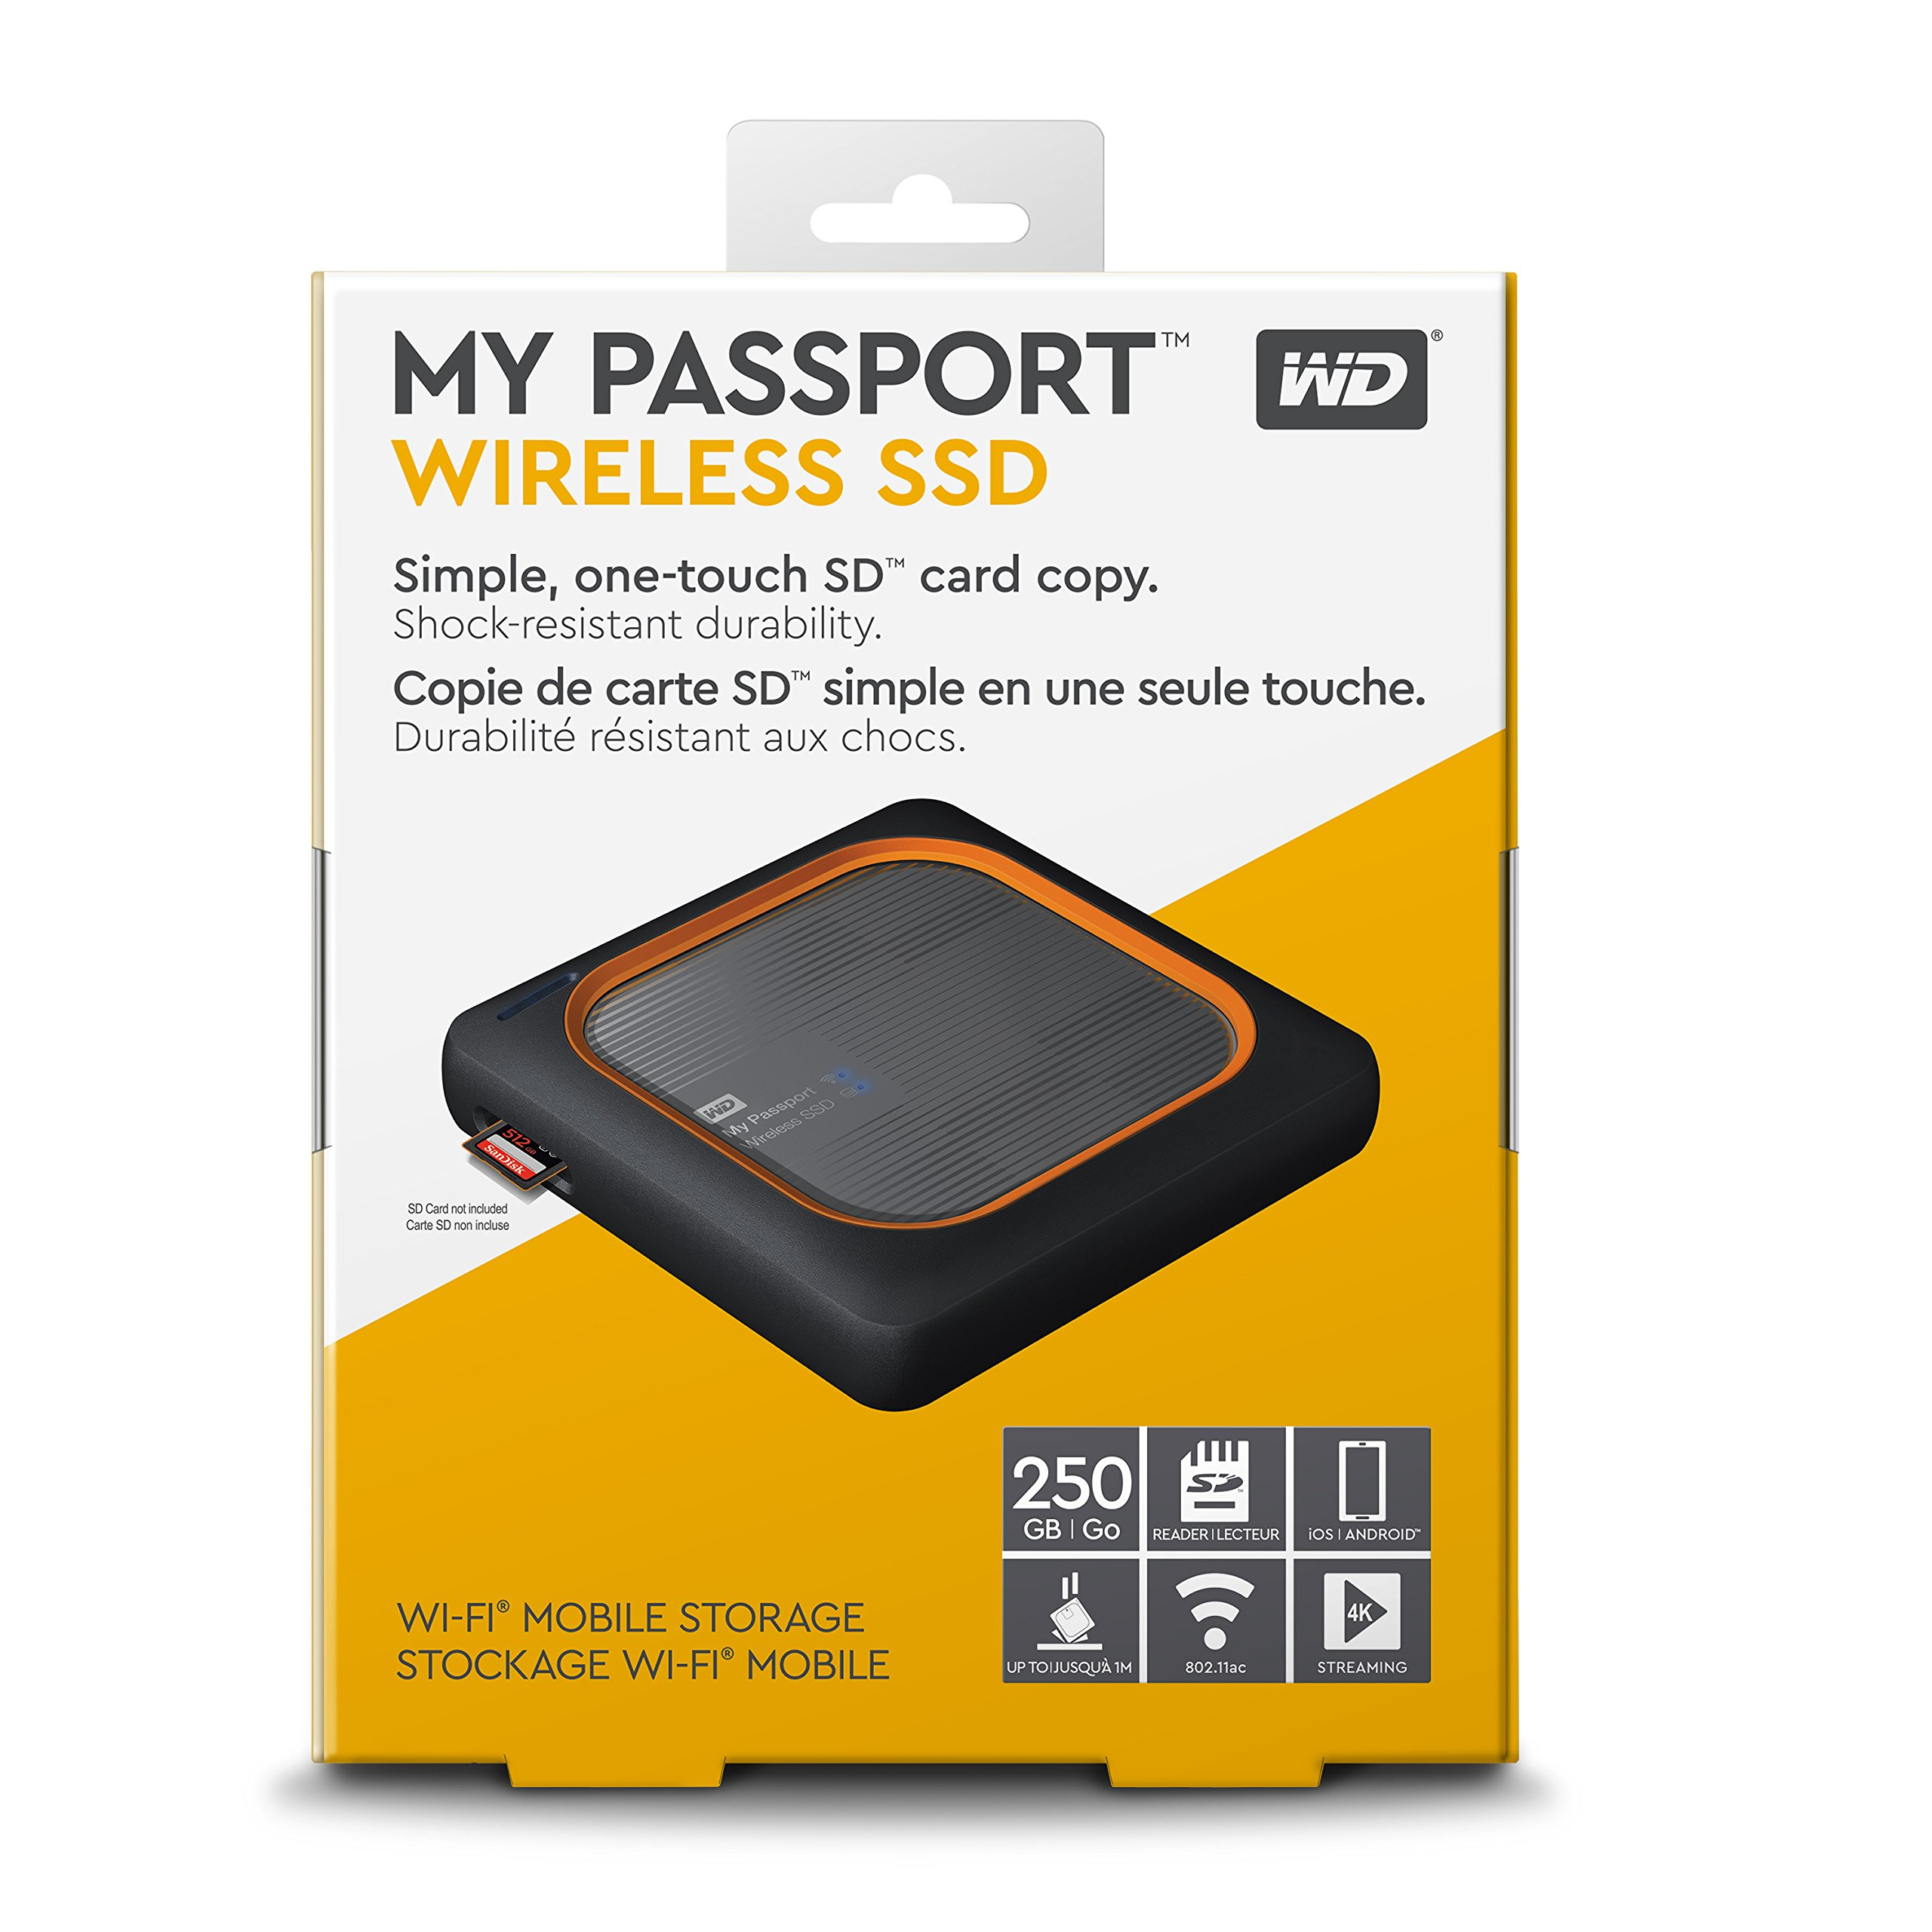 WD 250GB My Passport Wireless SSD External Portable Drive - WiFi USB 3.0 -WDBAMJ2500AGY-NESN by Western Digital (Image #6)